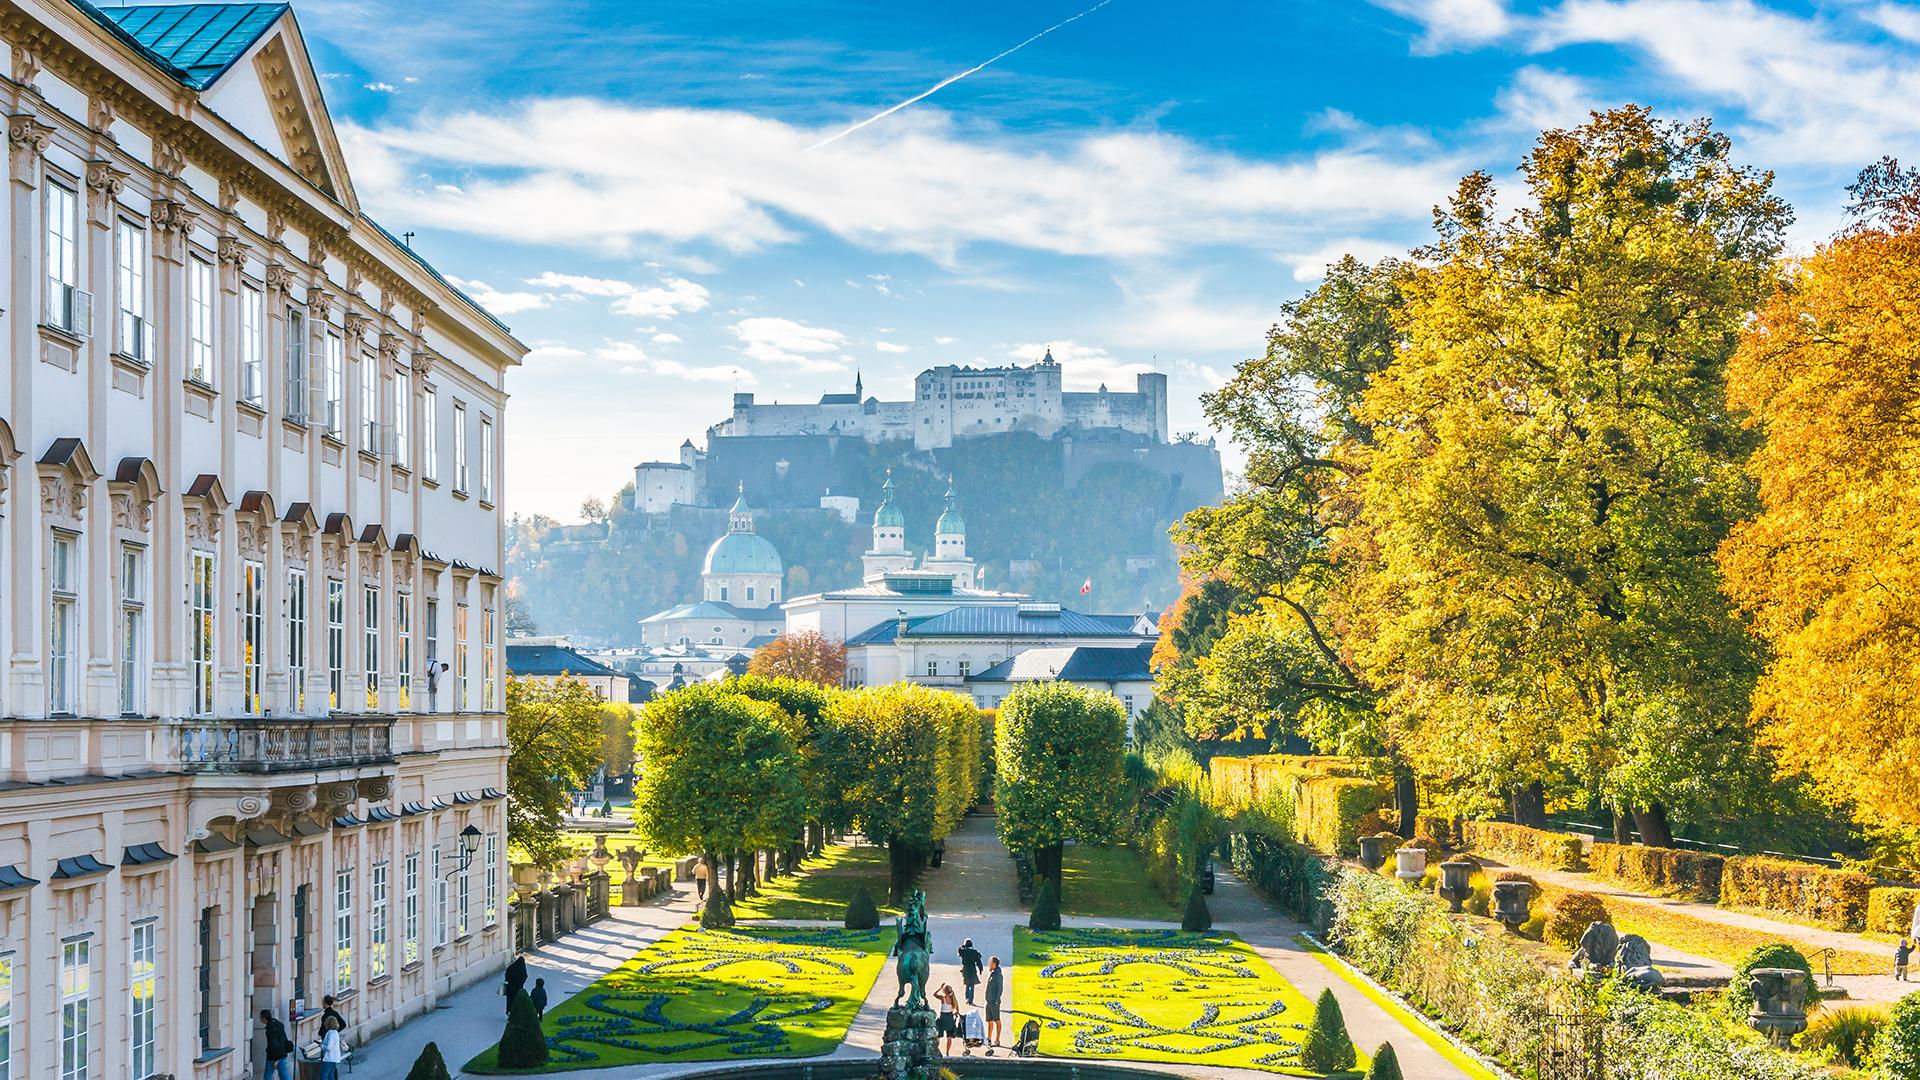 1_Österreich_Salzburg_Mirabell_Festung_16_9_16_9_Shutterstock